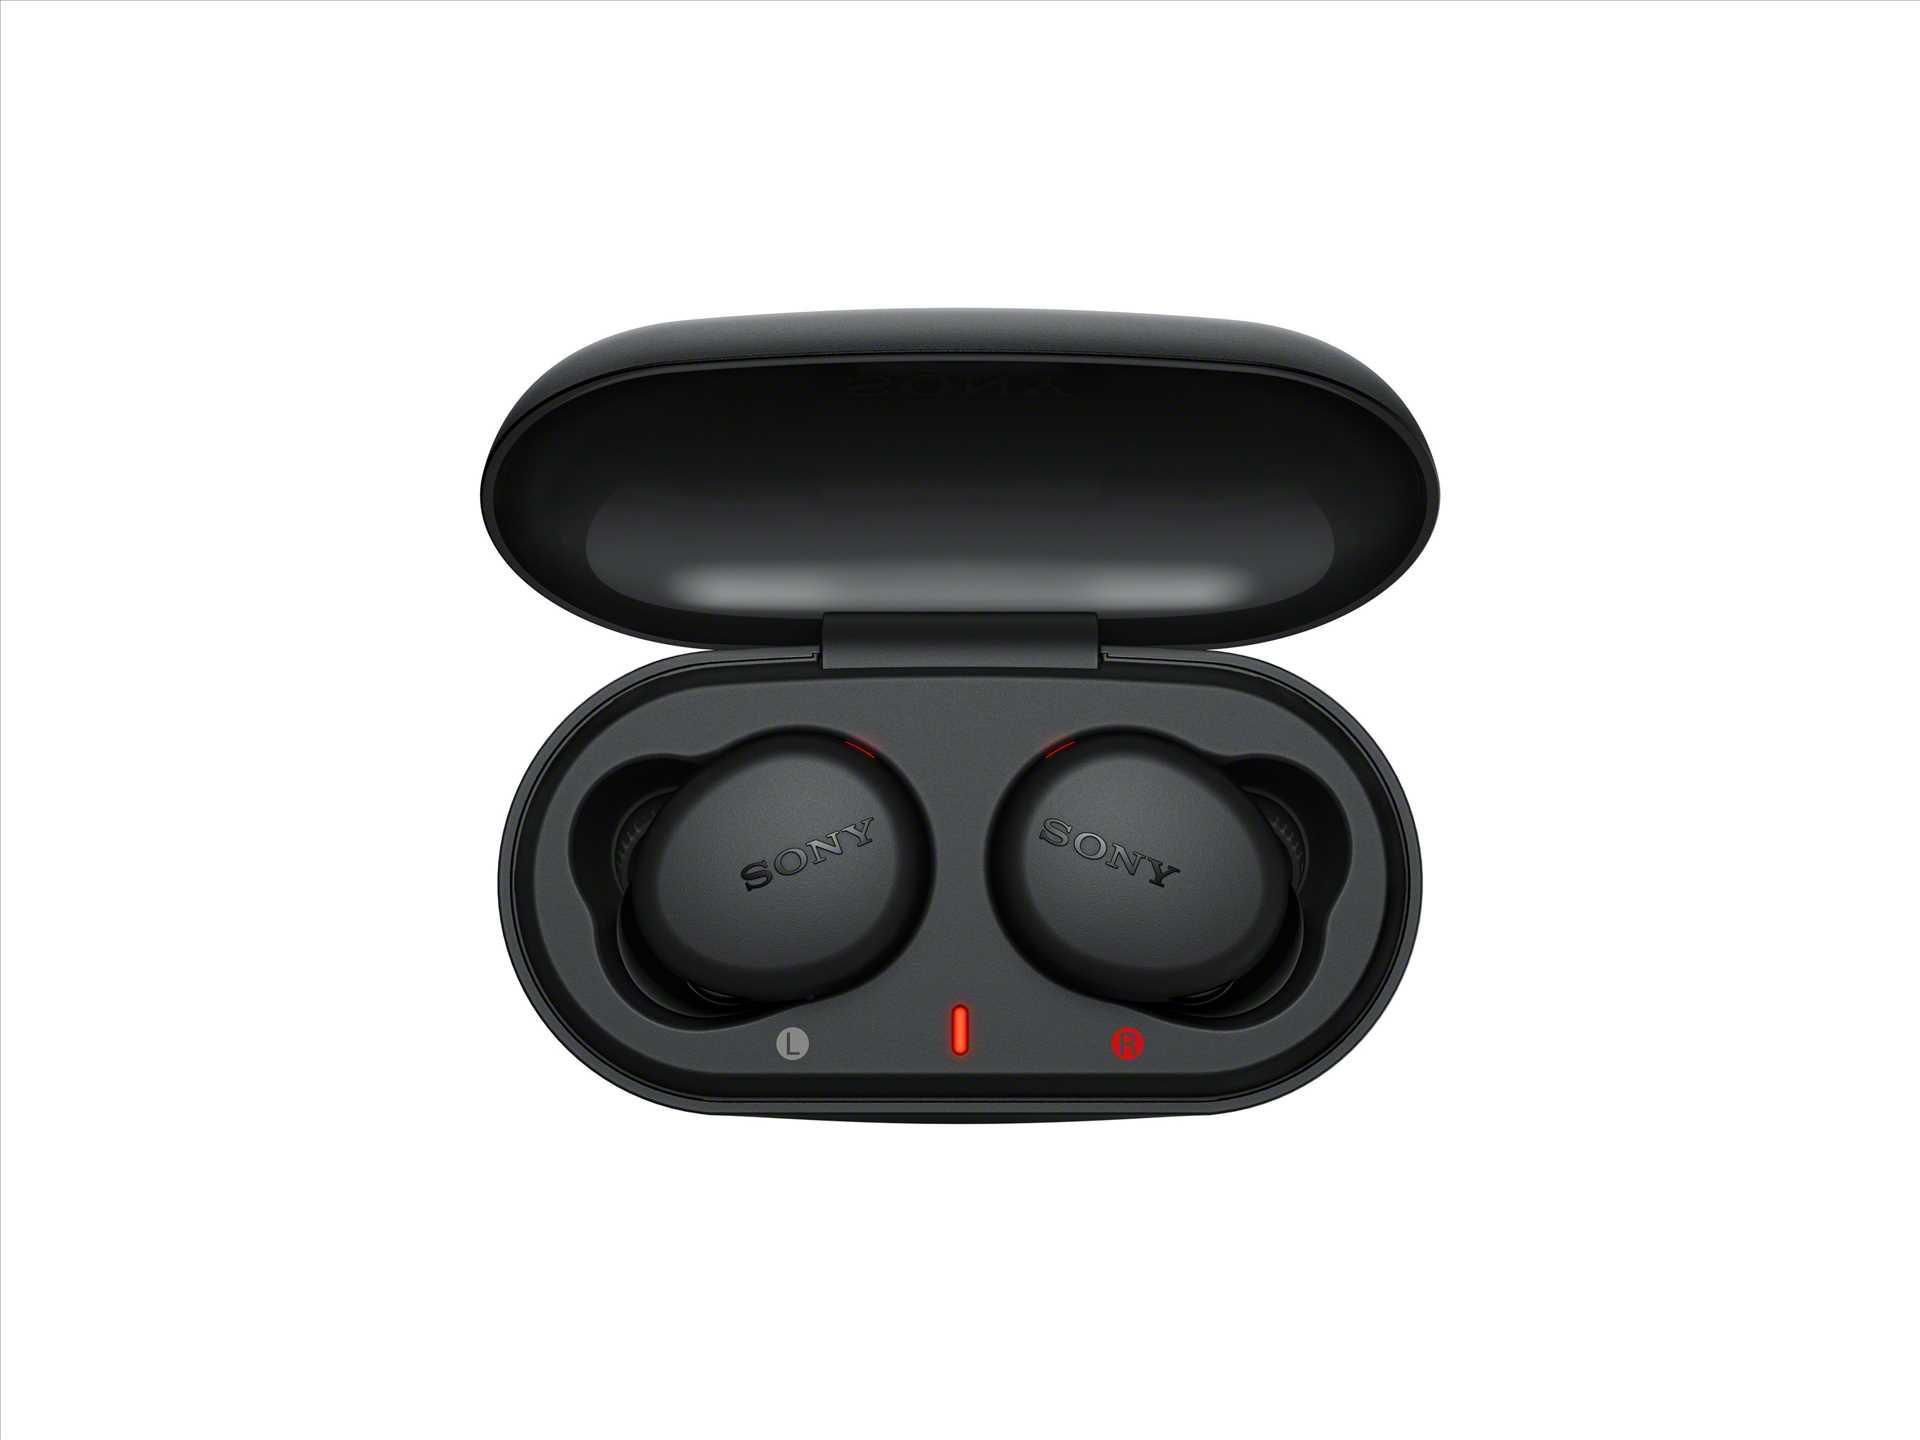 אוזניות Sony WF-XB700B True Wireless סוני שחורות - תמונה 7